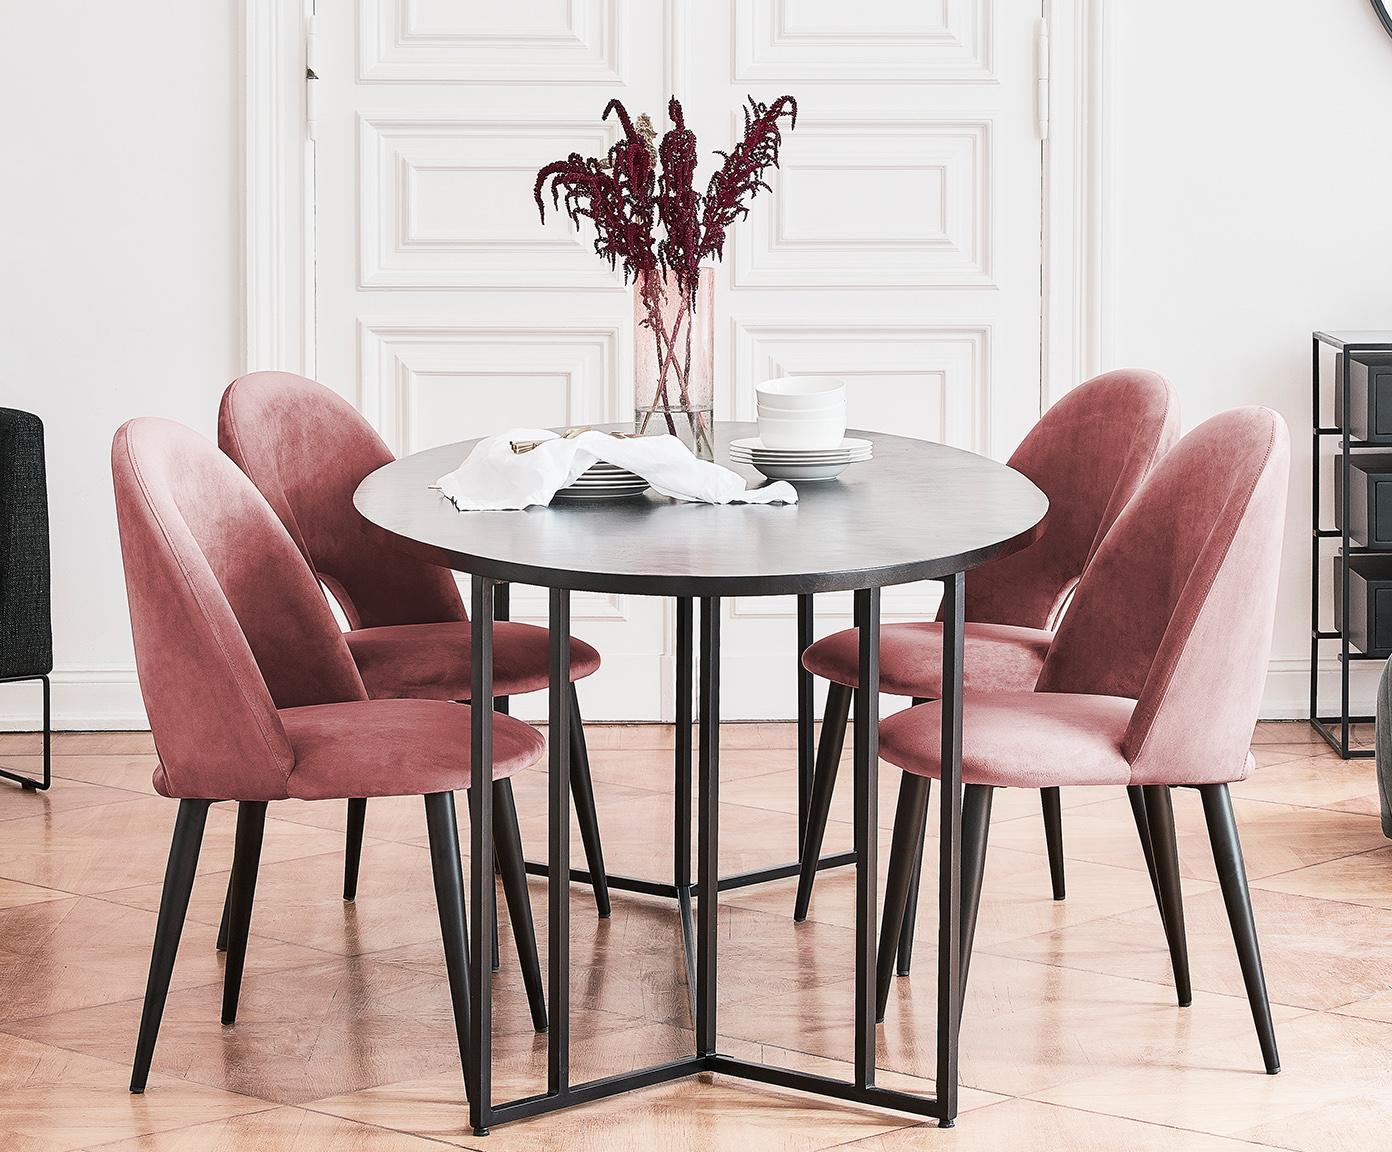 Fluwelen stoel Rachel, Bekleding: fluweel (hoogwaardige pol, Poten: gepoedercoat metaal, Roze-oranje, B 53 x D 57 cm